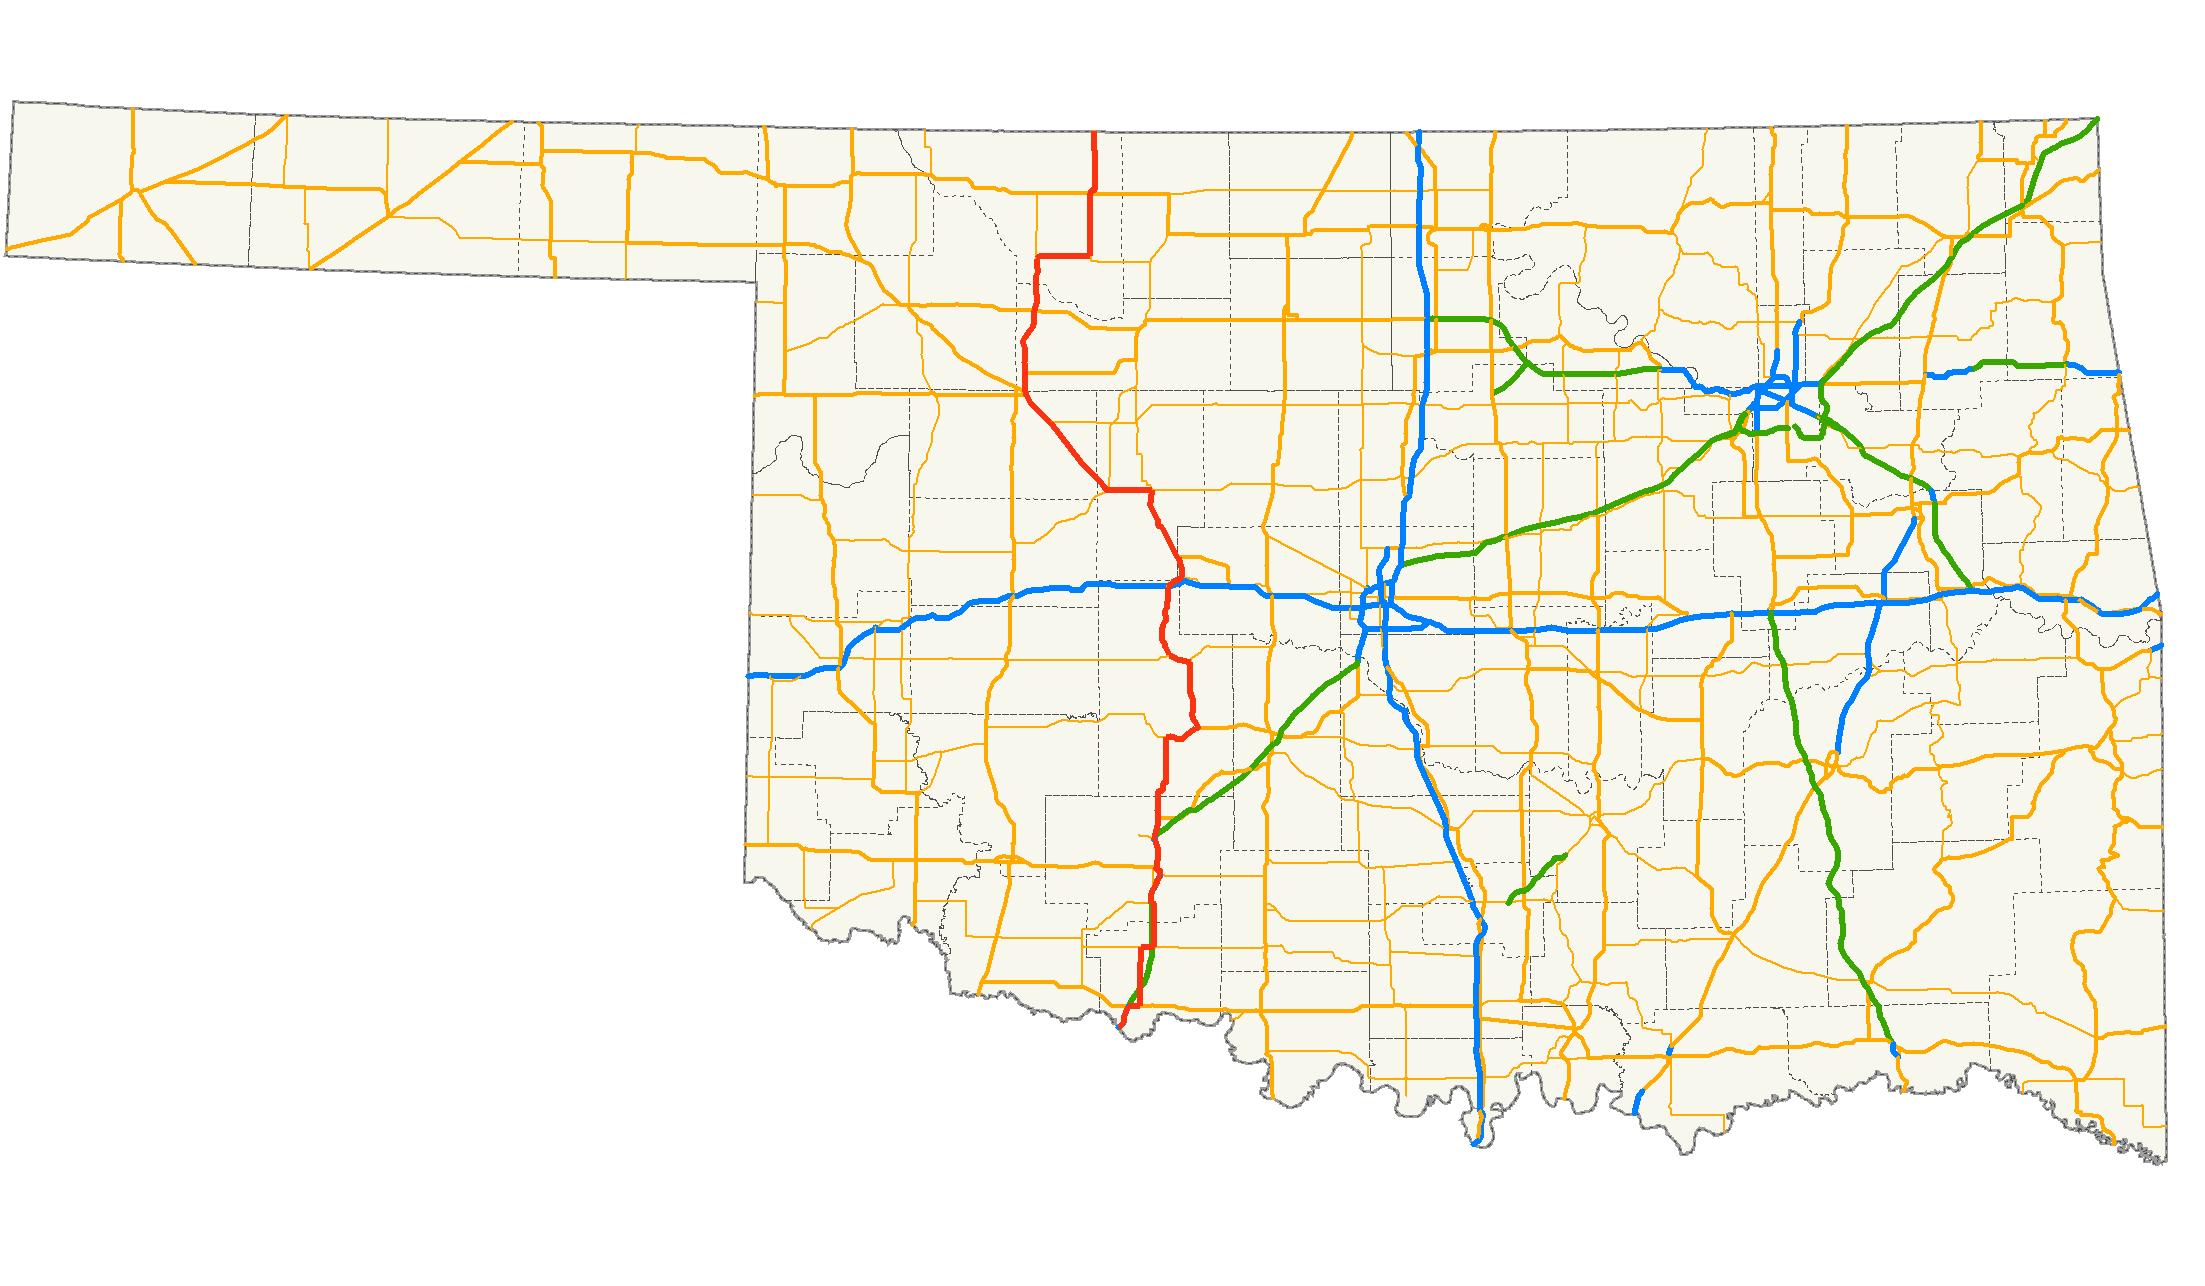 FileUS Oklahoma Mappng Wikimedia Commons - Okla map road